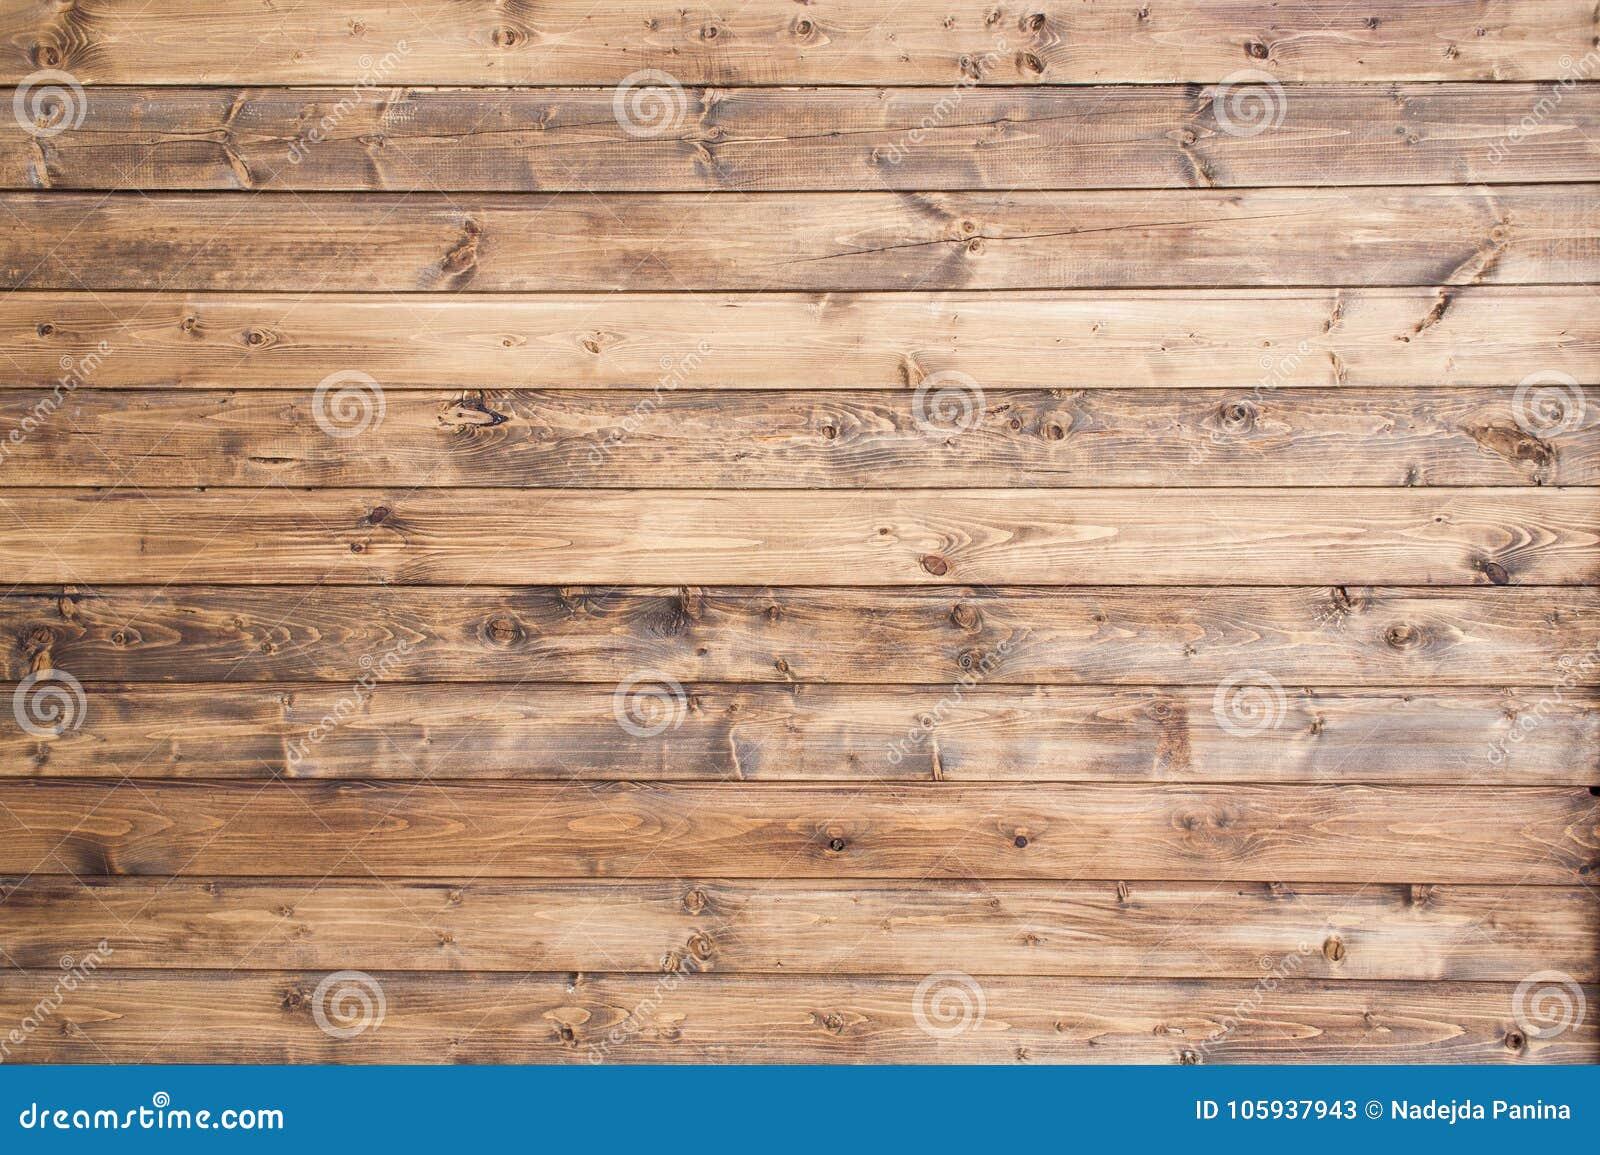 Η σκοτεινή στρογγυλή ωοειδής μορφή, ξύλινο υπόβαθρο επιτροπής, φυσικό καφετί χρώμα, συσσωρεύει οριζόντιος για να παρουσιάσει σύστ